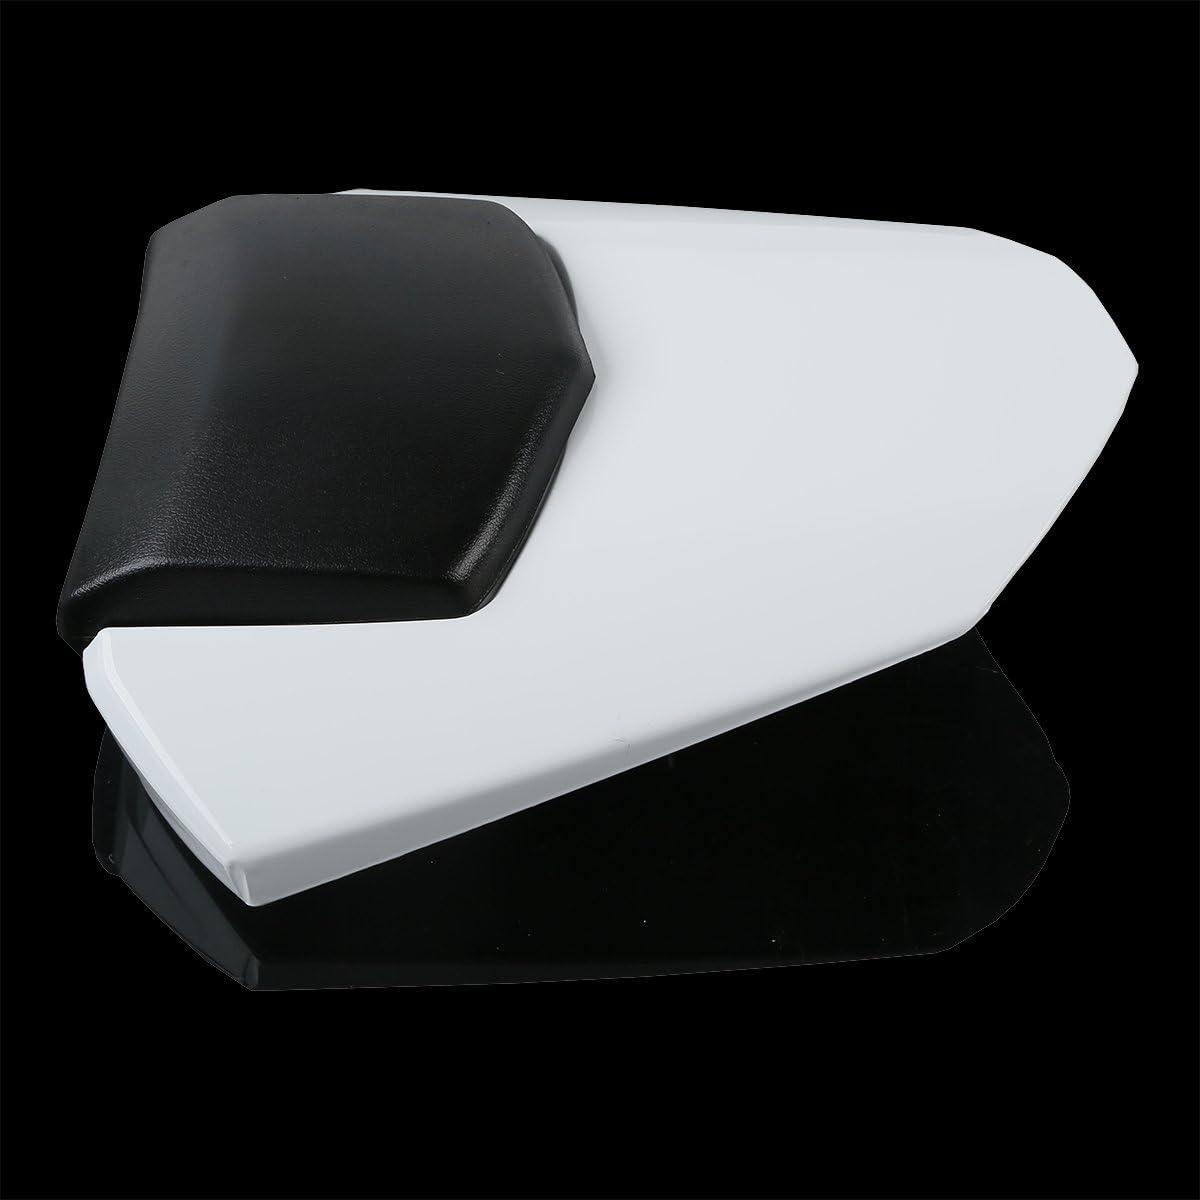 TengChang Motocicleta ABS Blanco Trasero Pintar Cubierta de asiento Capucha Para YAMAHA YZF R6 YZFR6 2008 2009 2010 2011 2012 2013 2014 2015